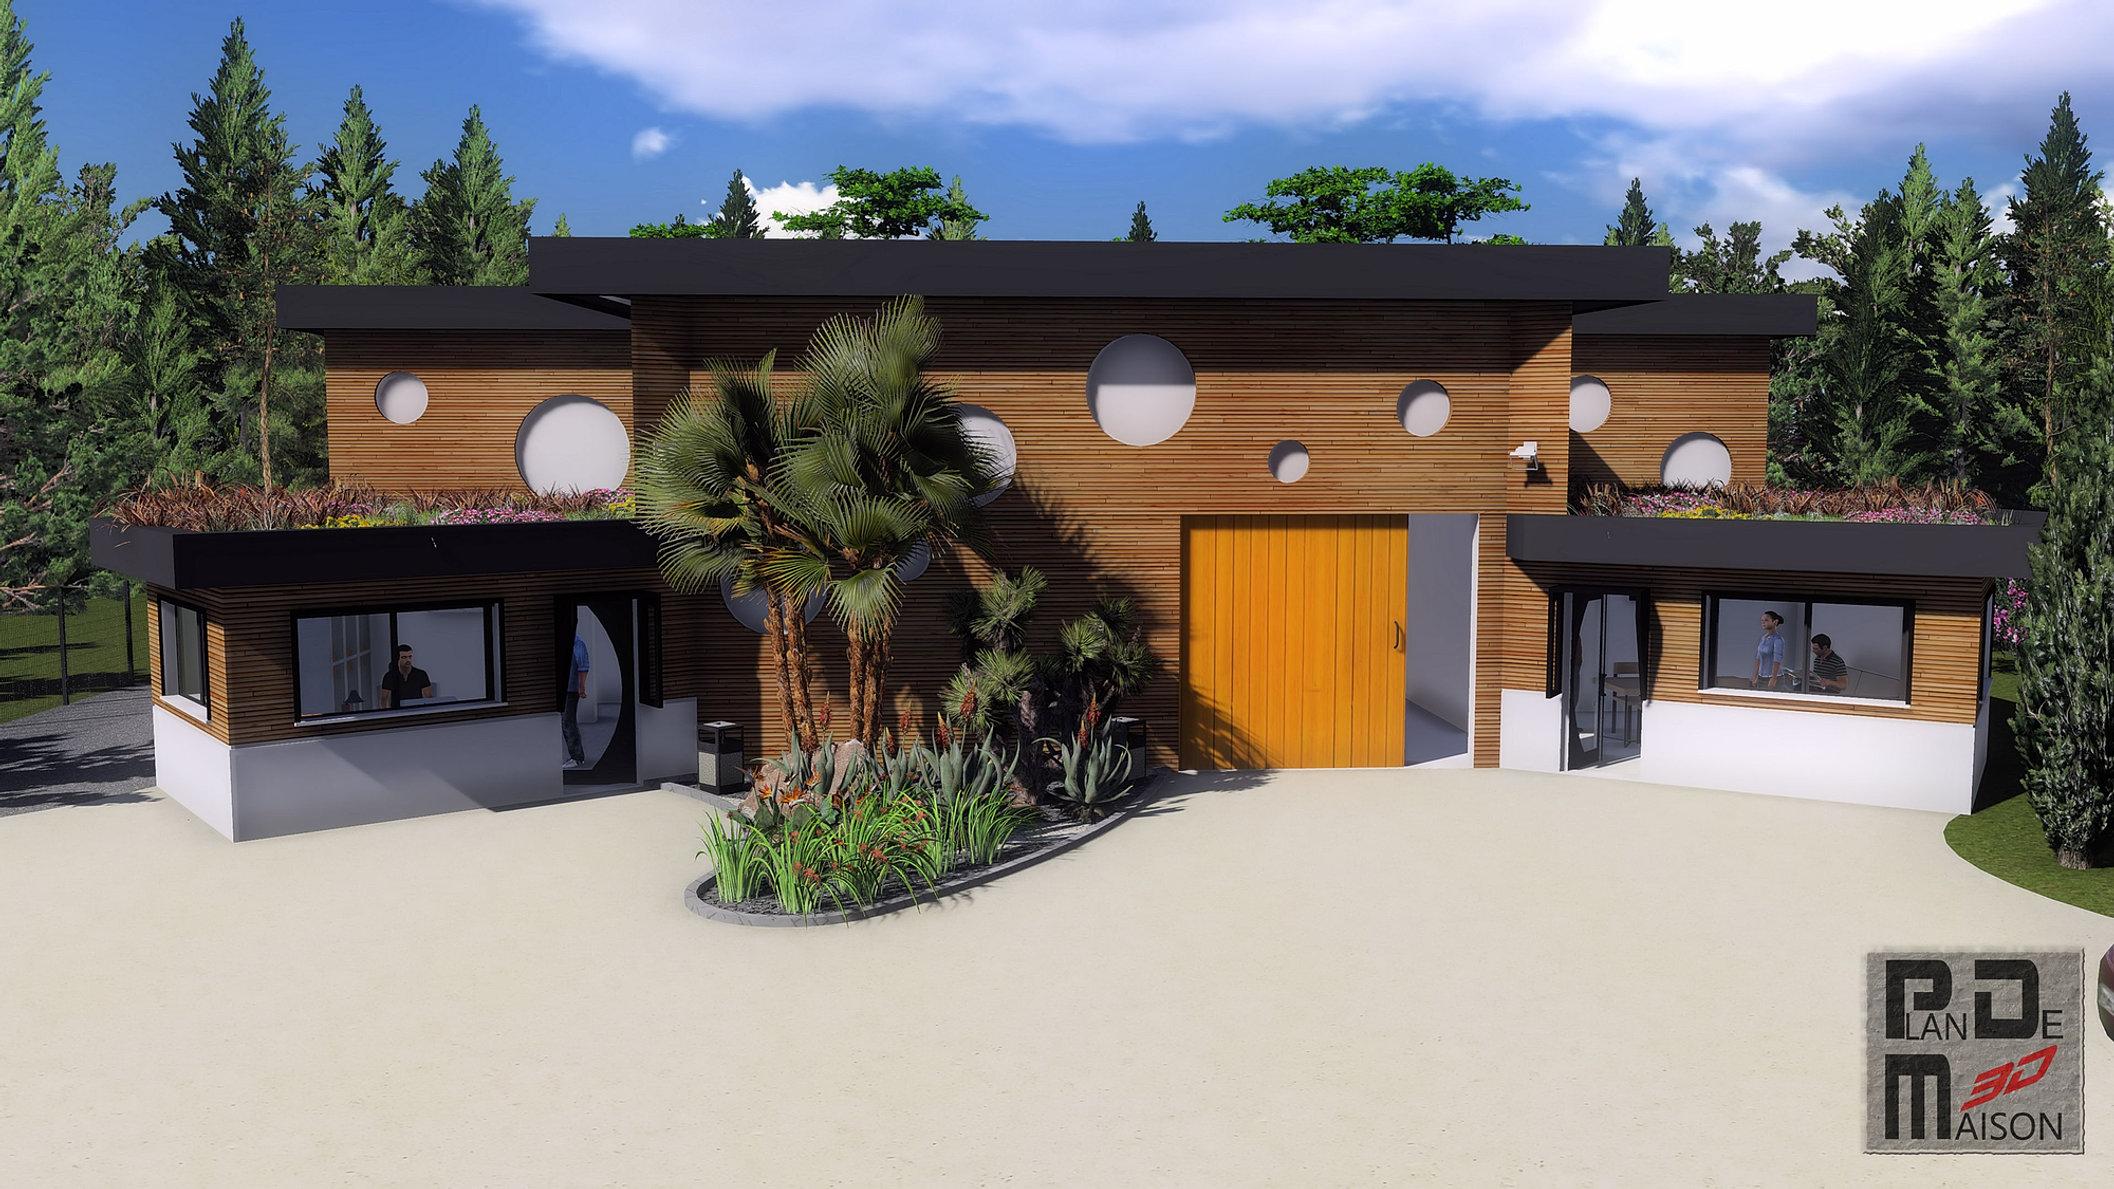 Image maison 3d permis de construire plan maison 3d agence for Construire villa